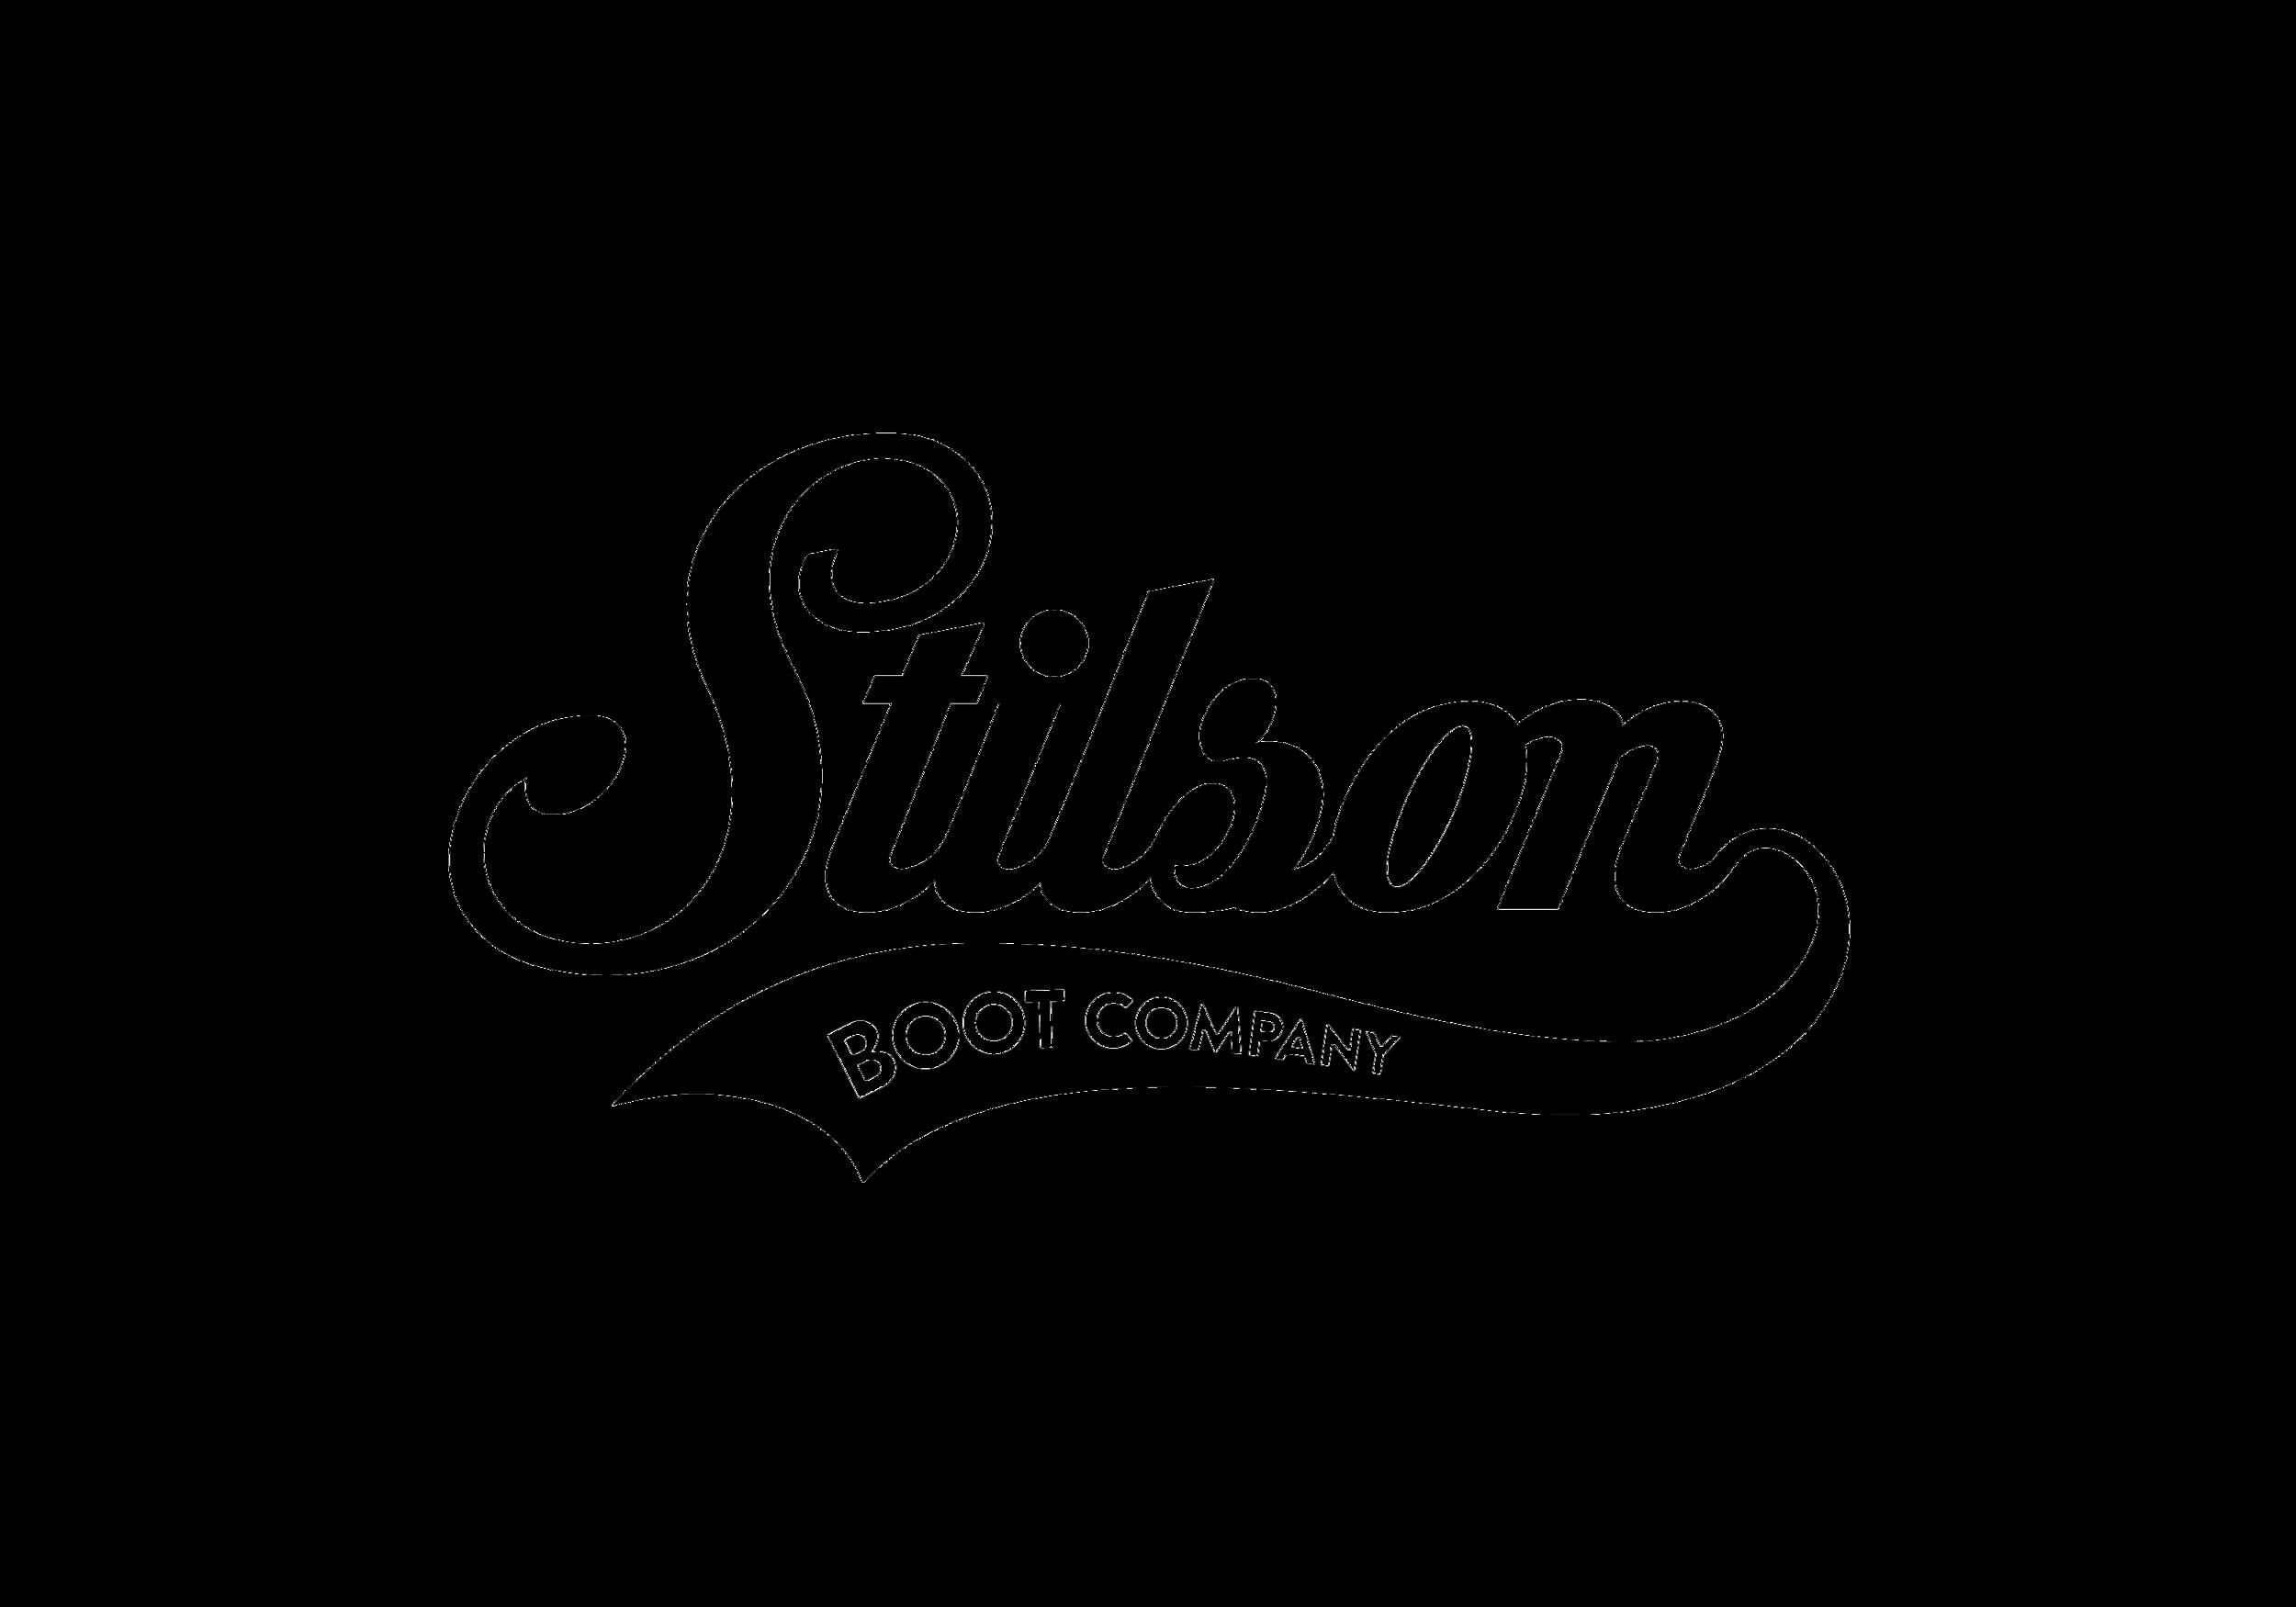 Final Stilson Script logo.png